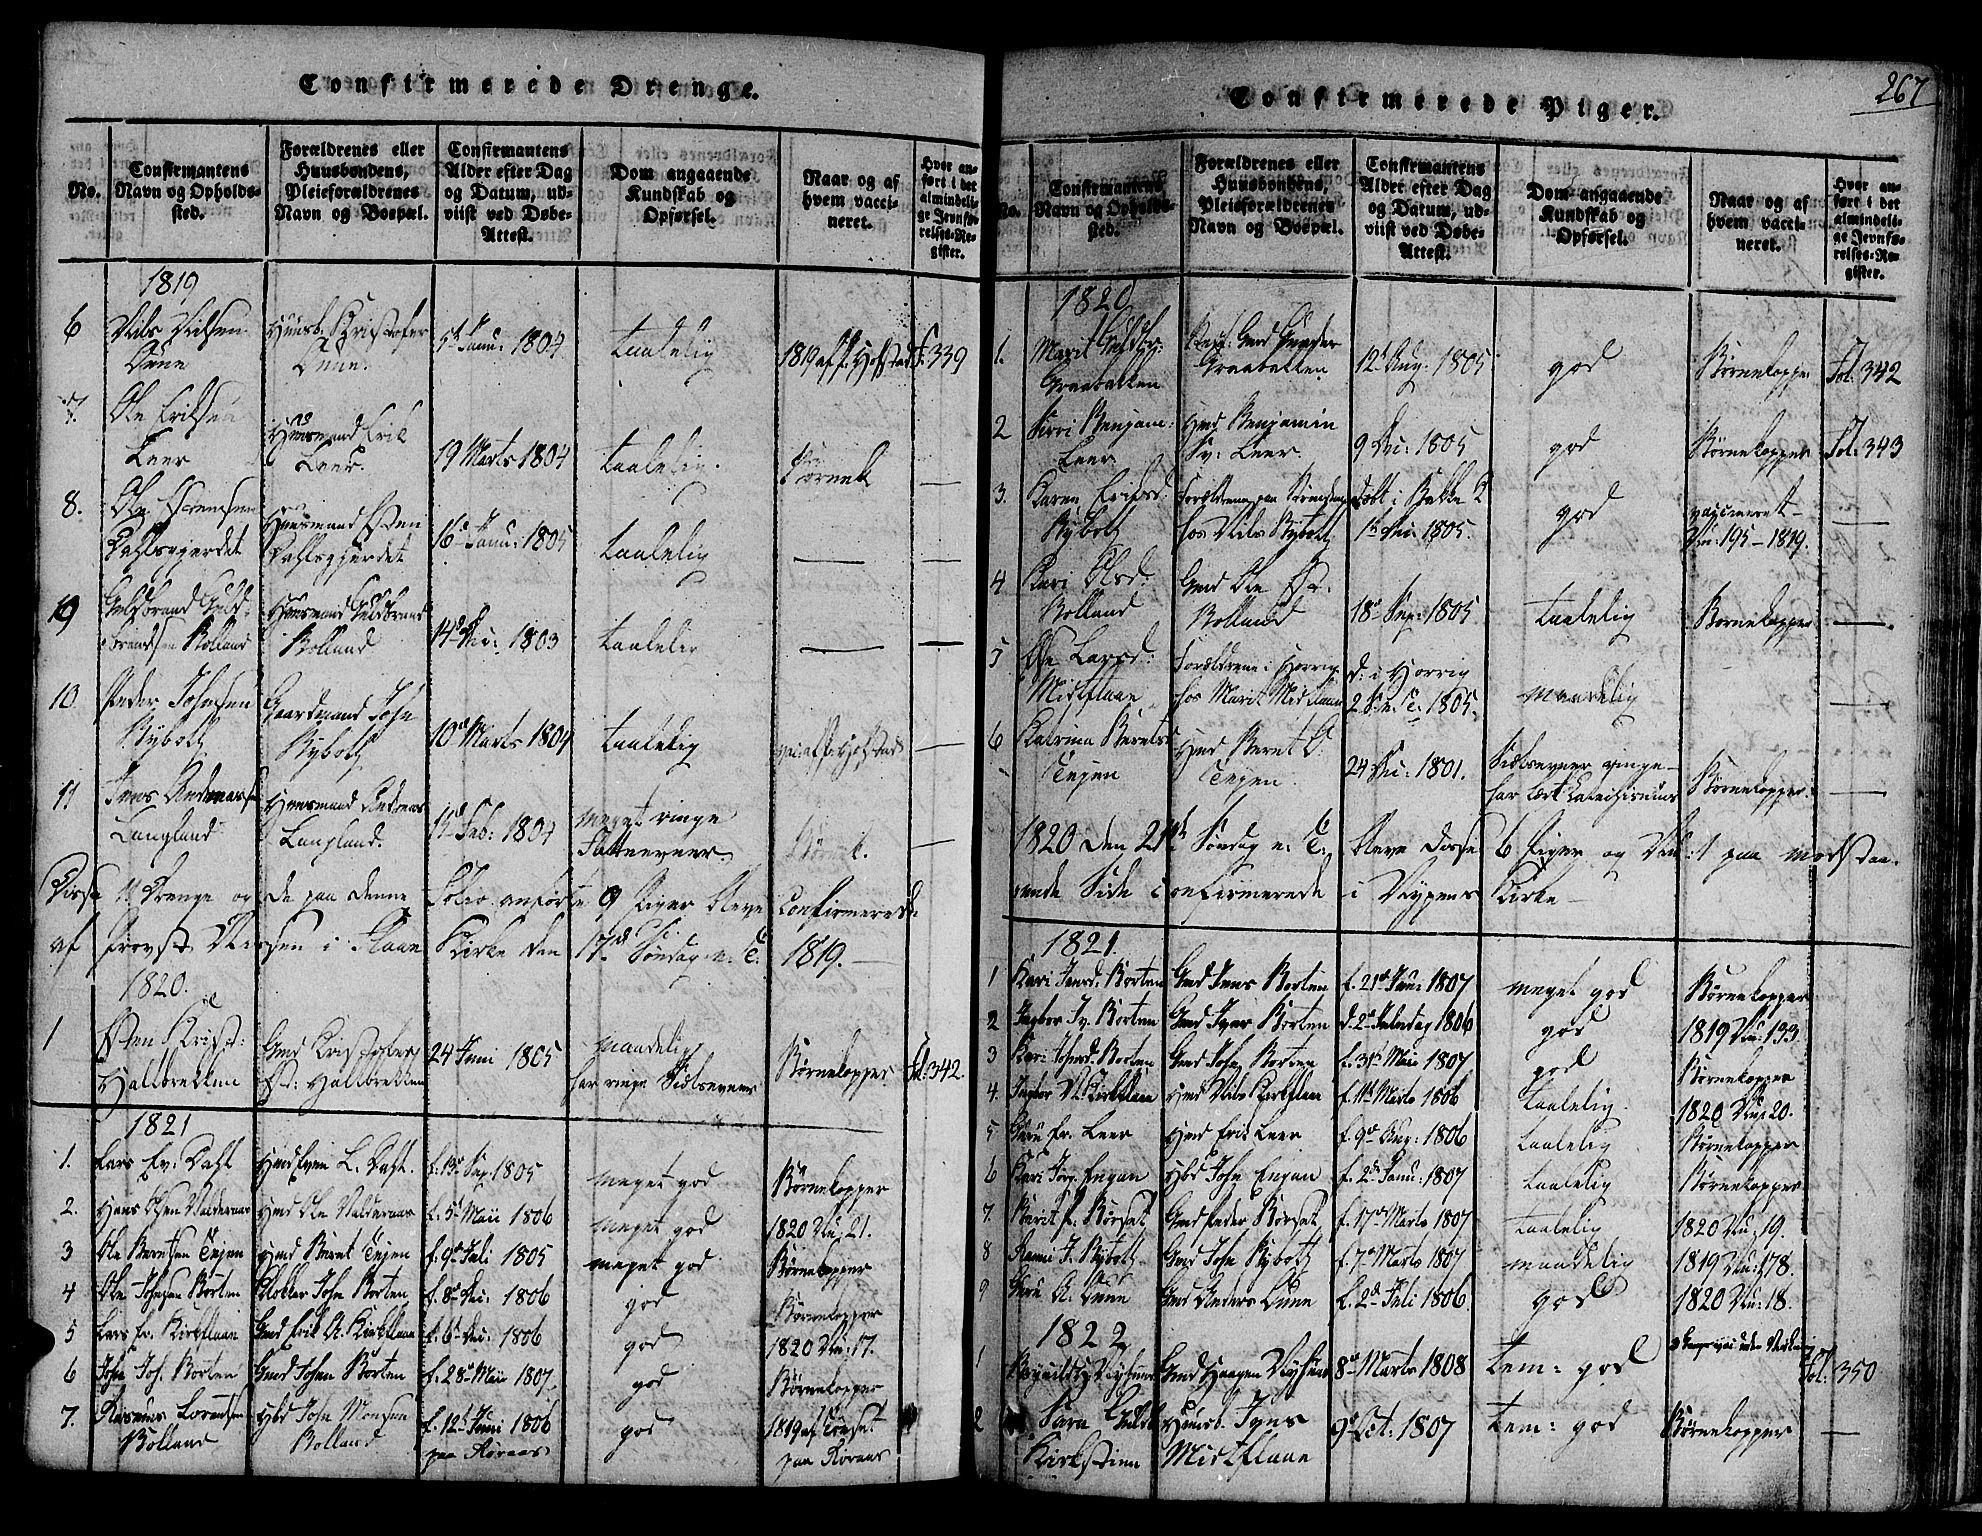 SAT, Ministerialprotokoller, klokkerbøker og fødselsregistre - Sør-Trøndelag, 691/L1066: Ministerialbok nr. 691A03 /2, 1816-1826, s. 267